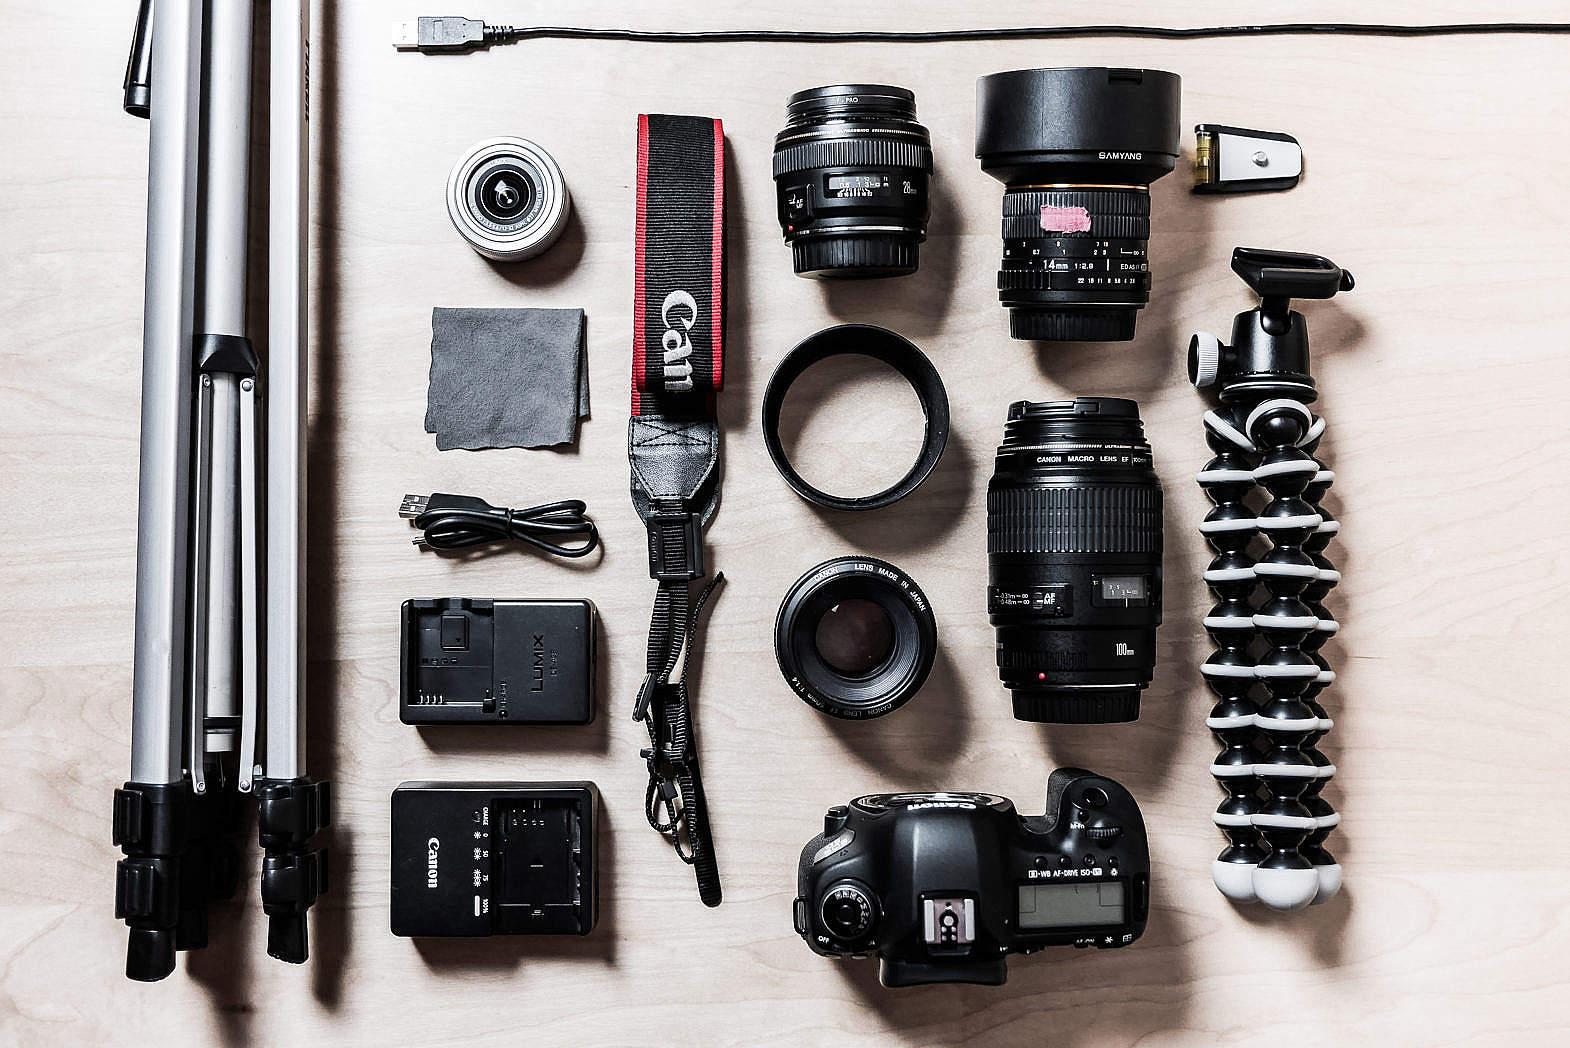 набор для репортажного фотографа уже